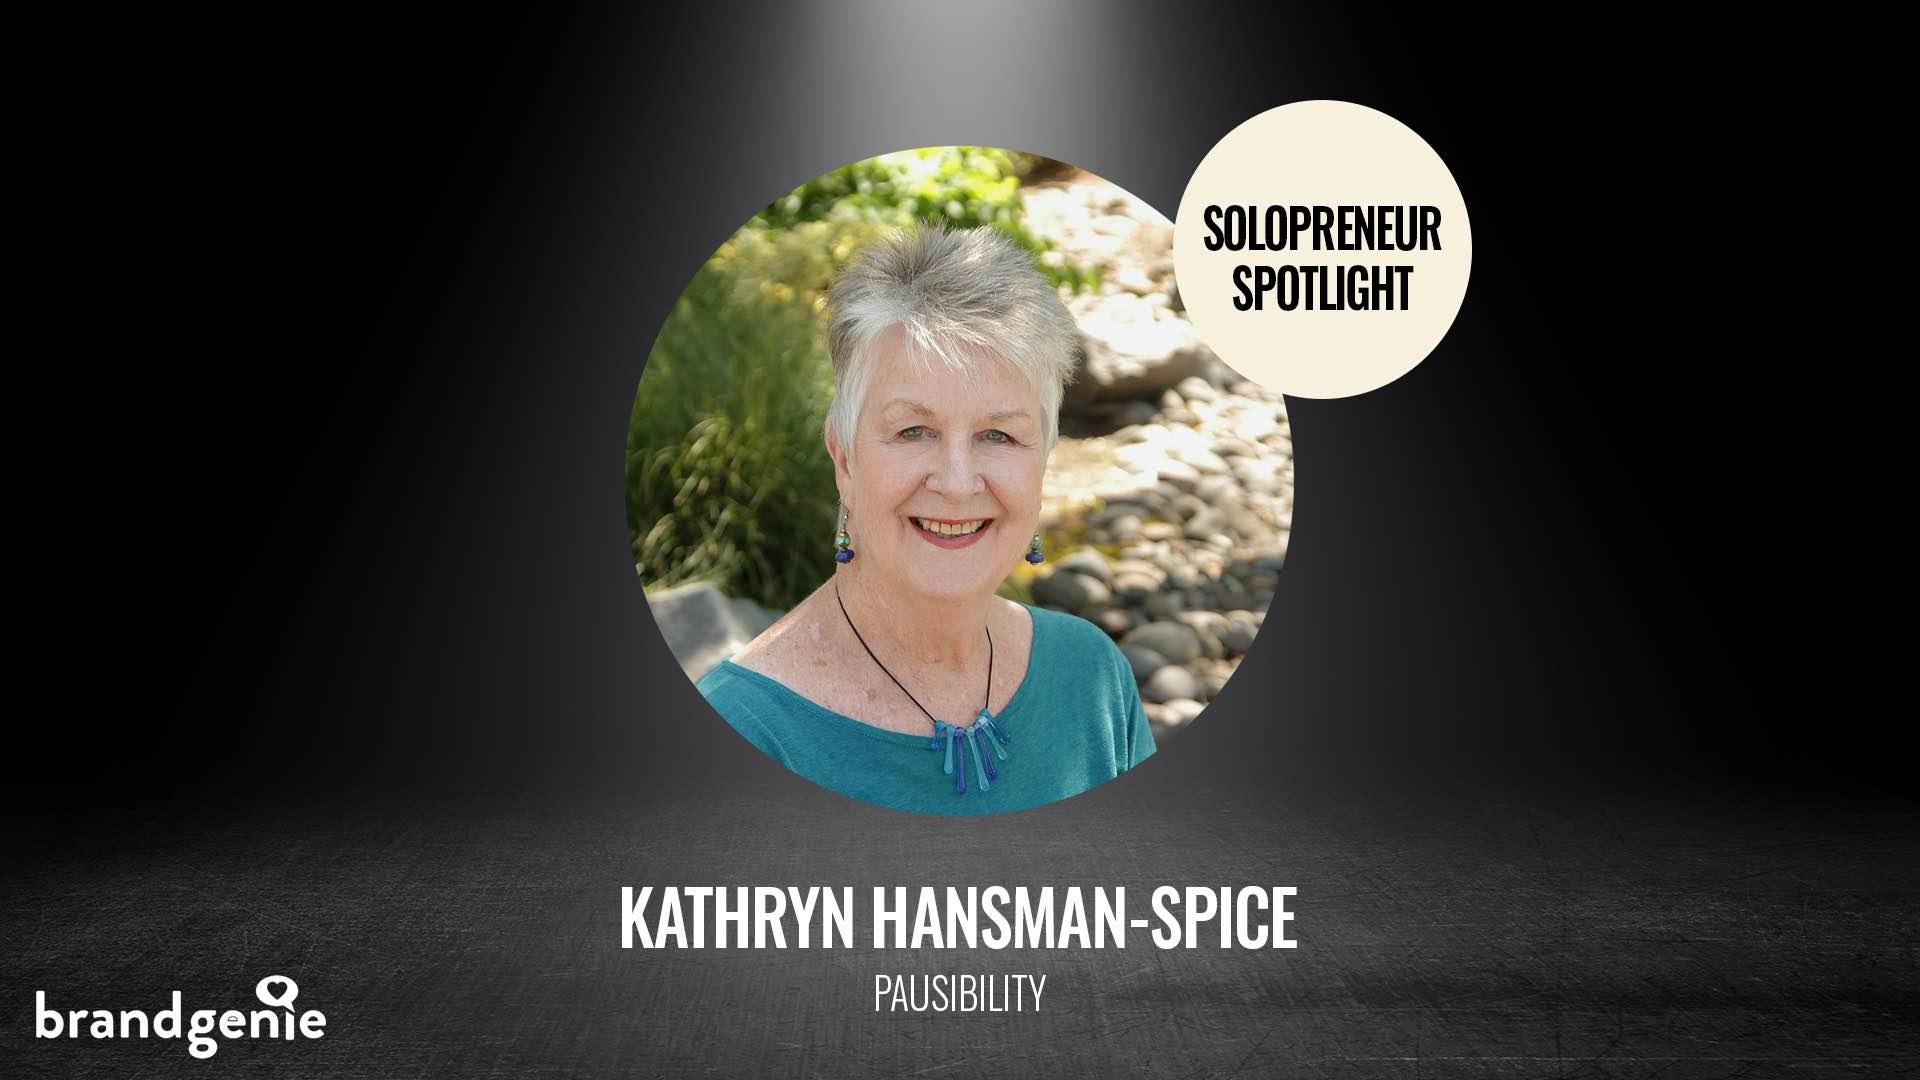 Kathryn Hansman-Spice